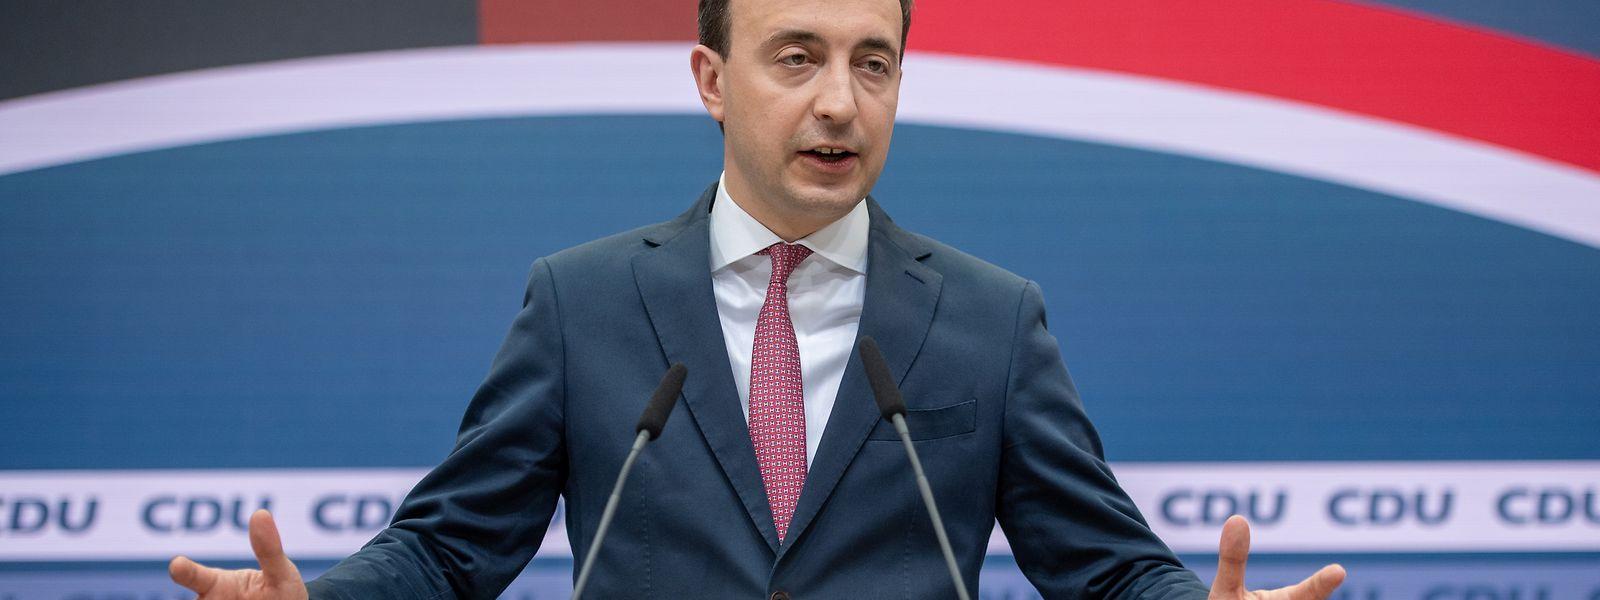 CDU-Generalsekretär Paul Ziemiak erklärt, wie sich die CDU künftig neu aufstellen will.